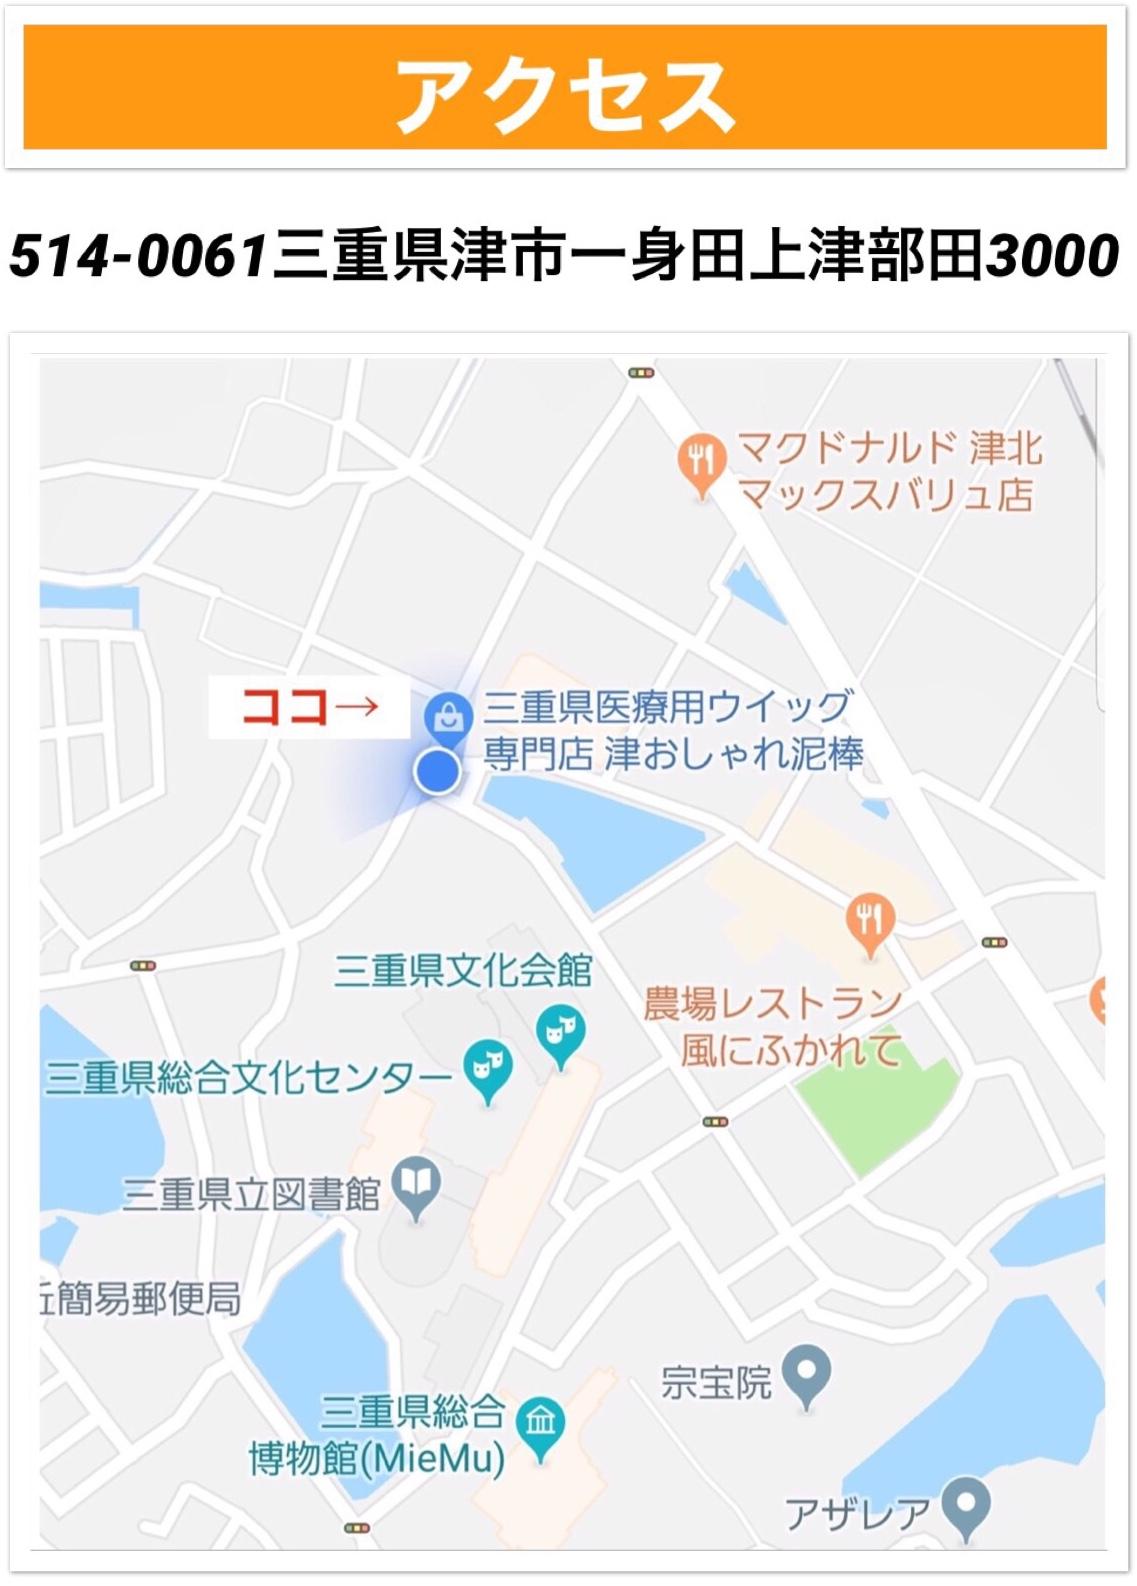 A5CB0202-E033-475C-97AF-F6254AD29466.jpeg